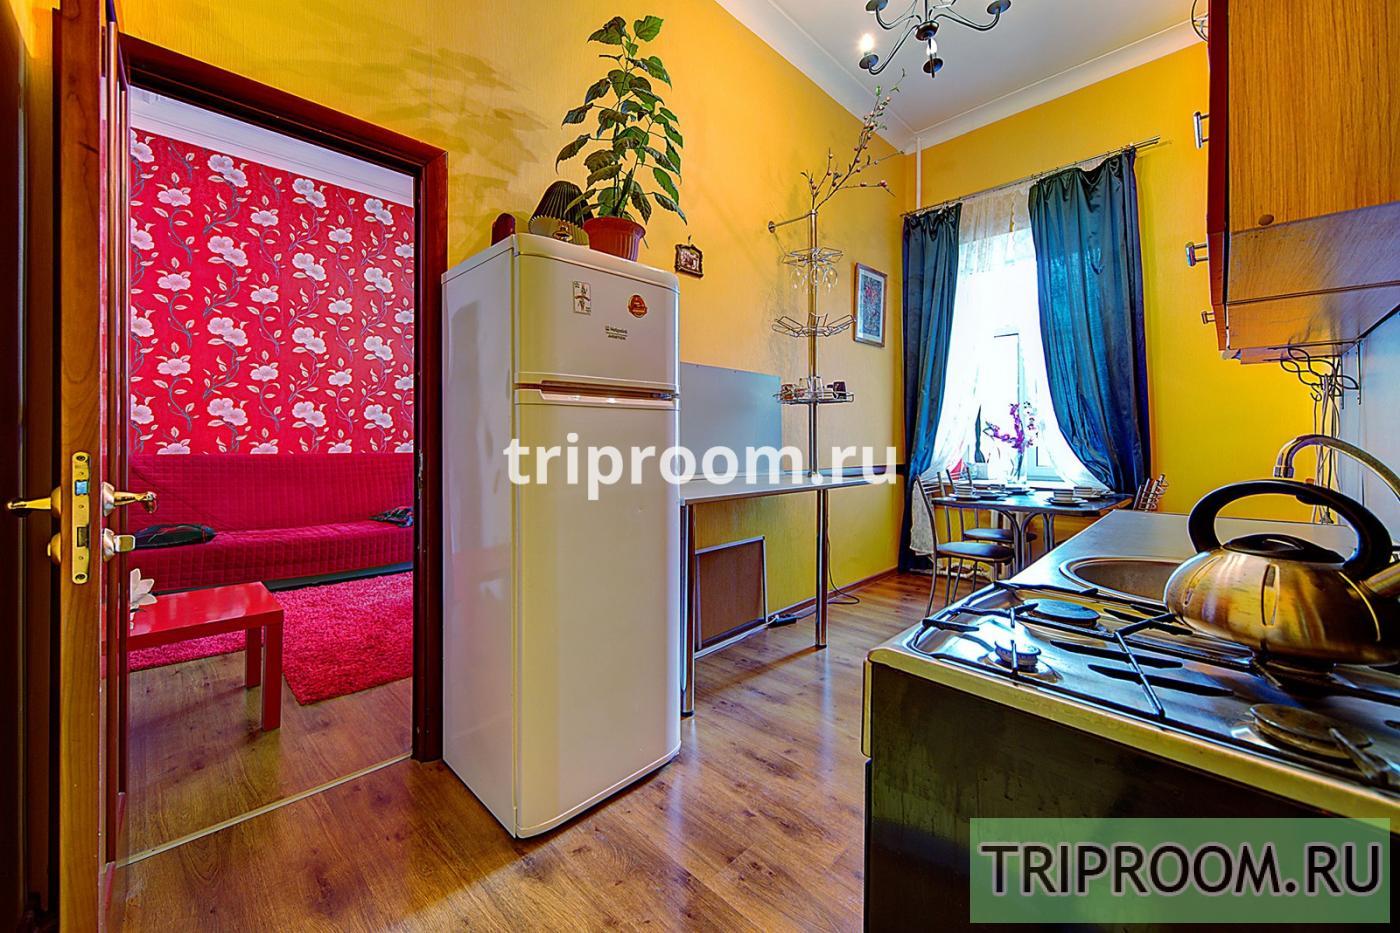 1-комнатная квартира посуточно (вариант № 15073), ул. Итальянская улица, фото № 5